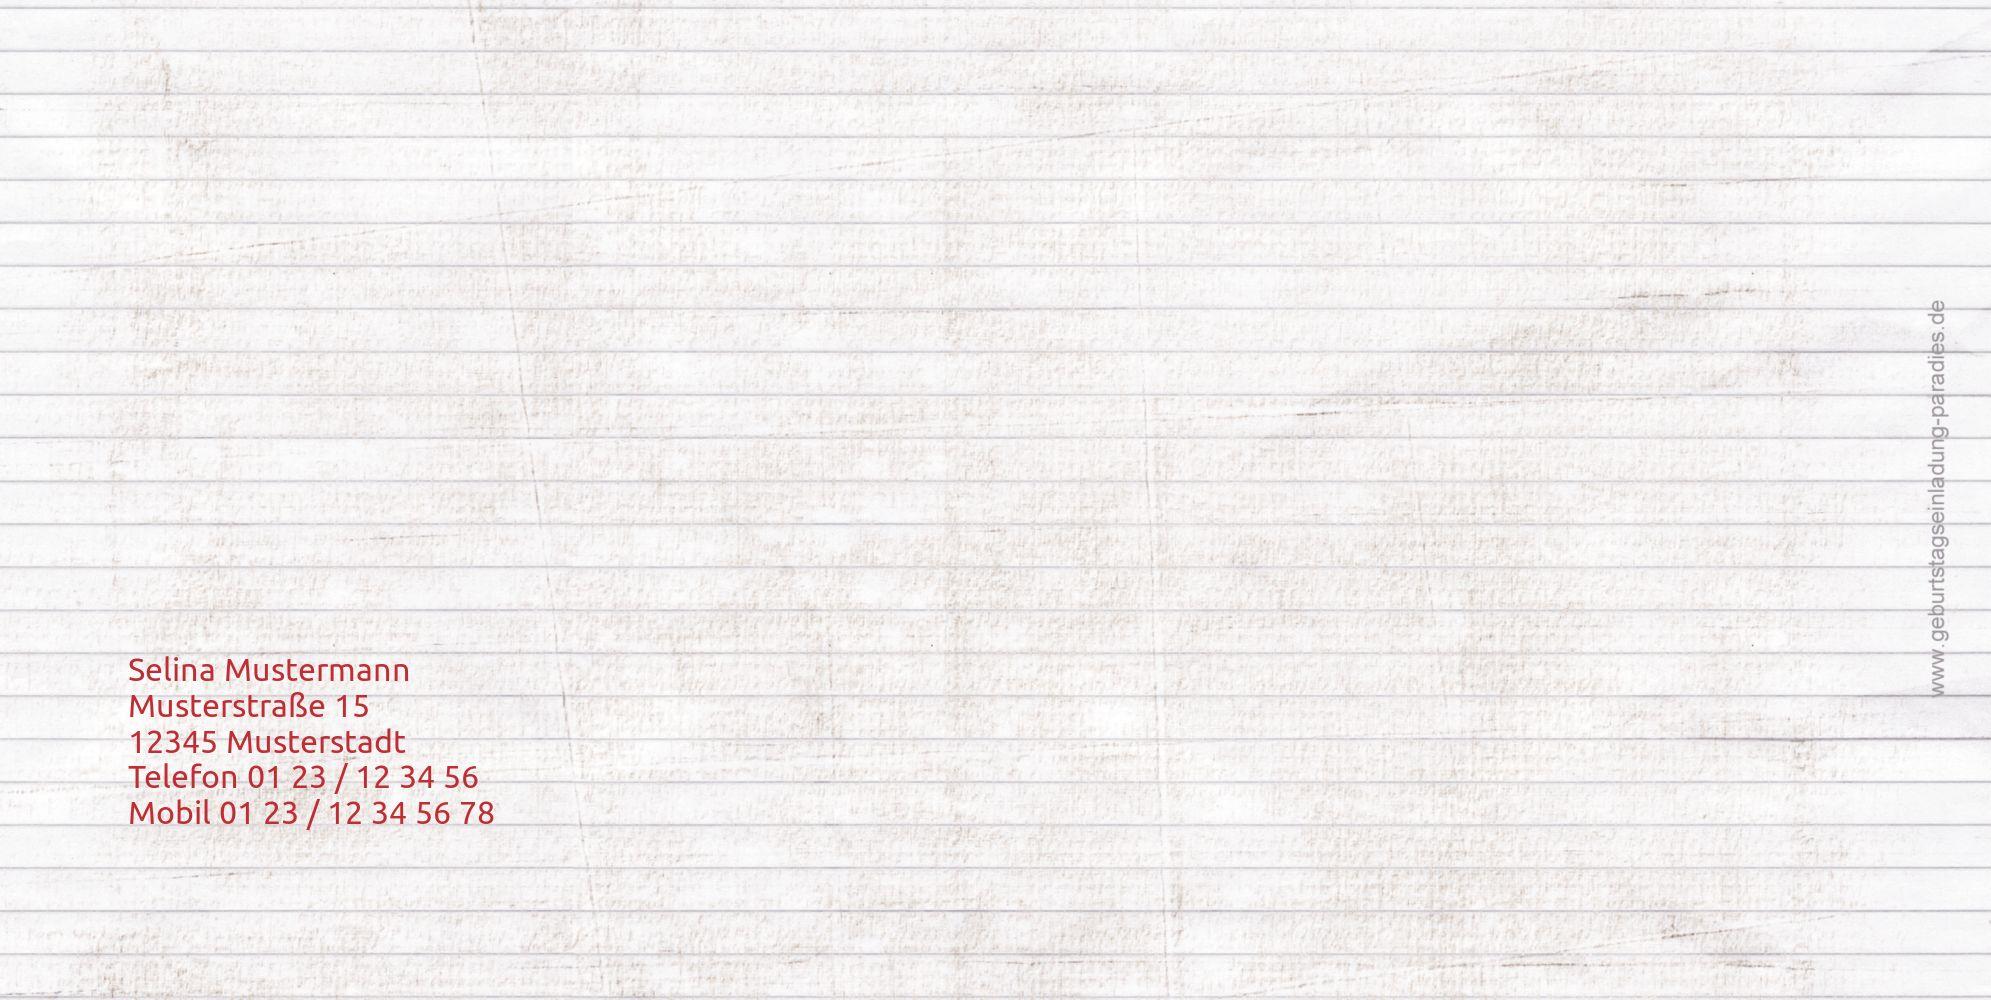 Ansicht 2 - Einladungskarte Tierische Elemente Foto